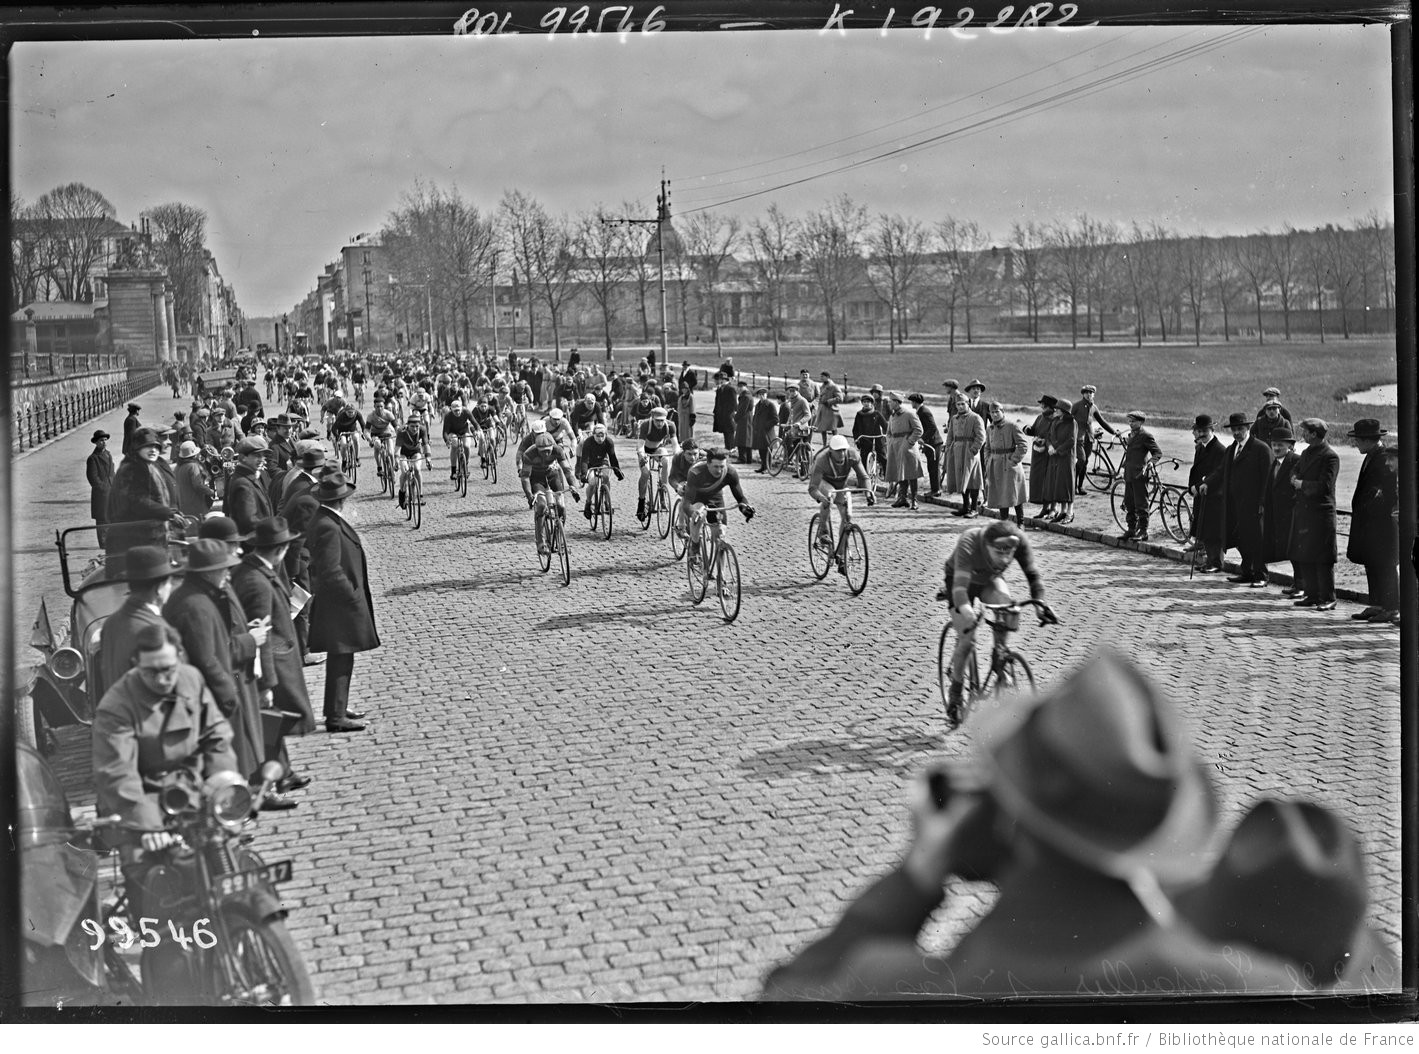 29-3-25_Versailles_1er_pas_Dunlop_[...]Agence_Rol_btv1b53144295t_1.jpeg